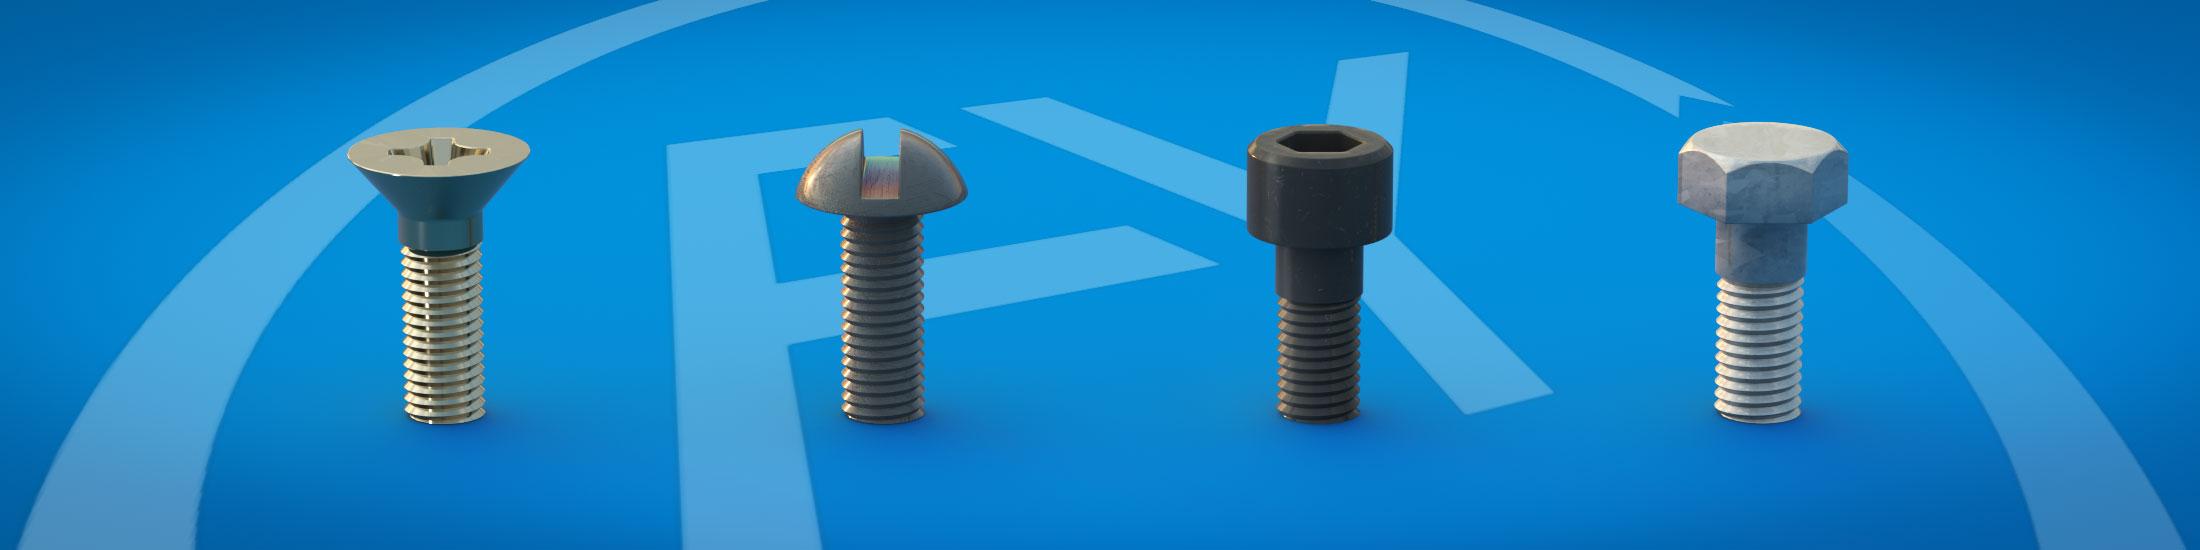 Normschrauben • Sonderschrauben • Schrauben nach Zeichnung • Schrauben Beschichtung • Schrauben Veredelung • Frey Schrauben GmbH